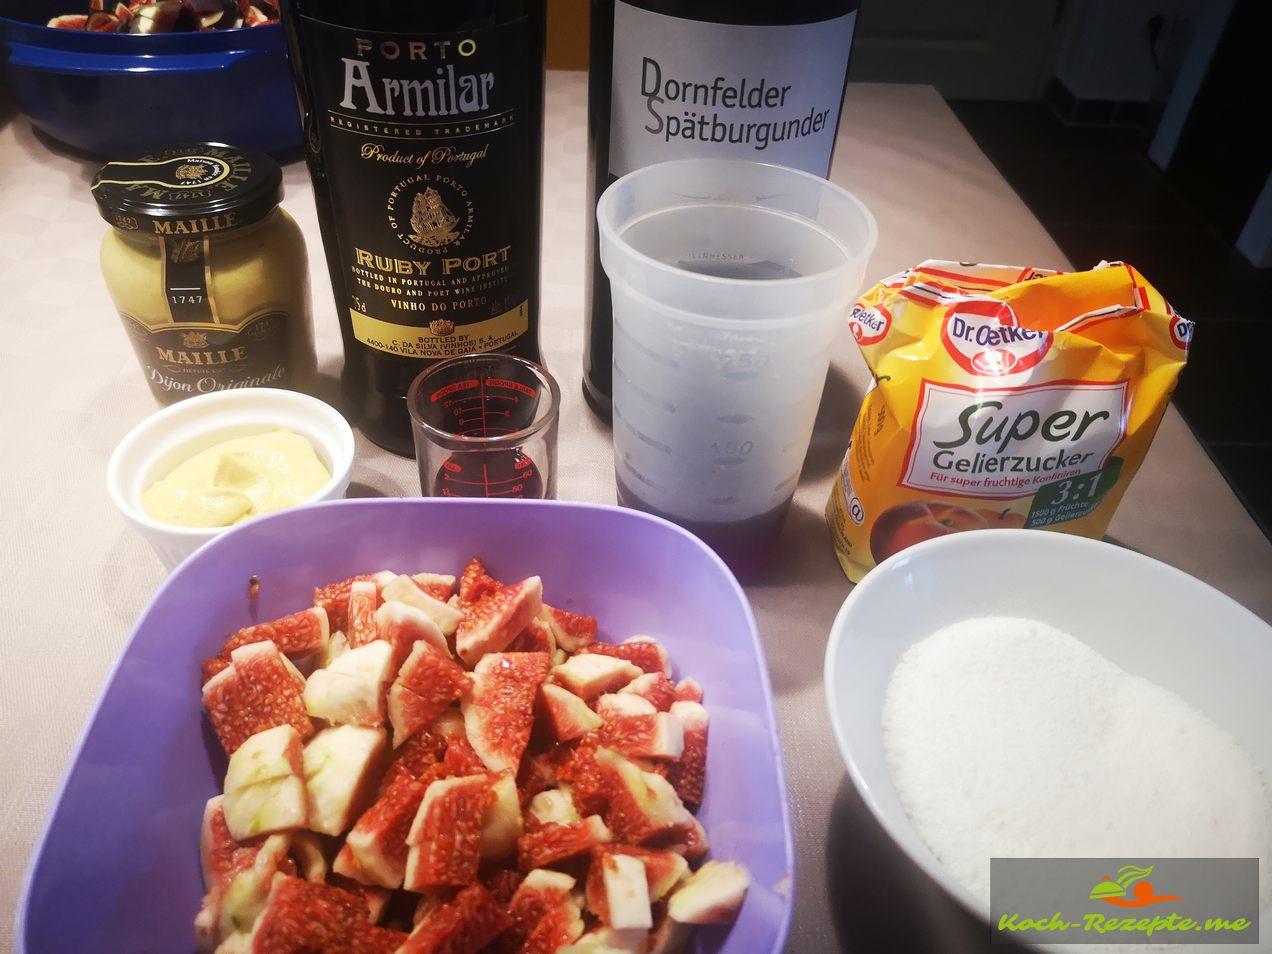 Alle Zutaten , gewürfelte Feigen,Gelierzucker,Senf mittelscharf,Portwein,Rotwein